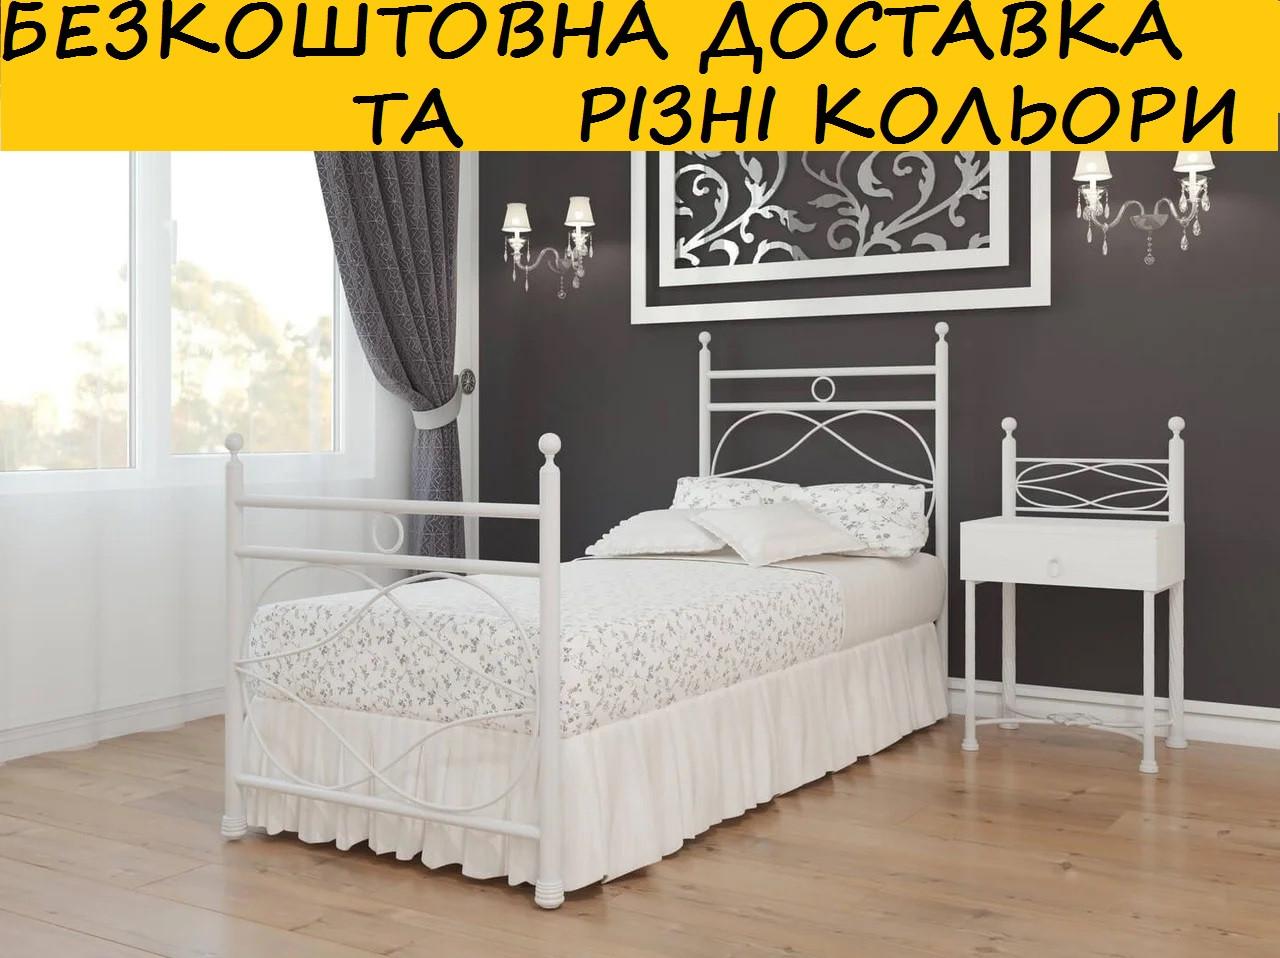 """Кровать металлическая односпальная """"Виченца мини"""". Цвет и размер можно изменить."""